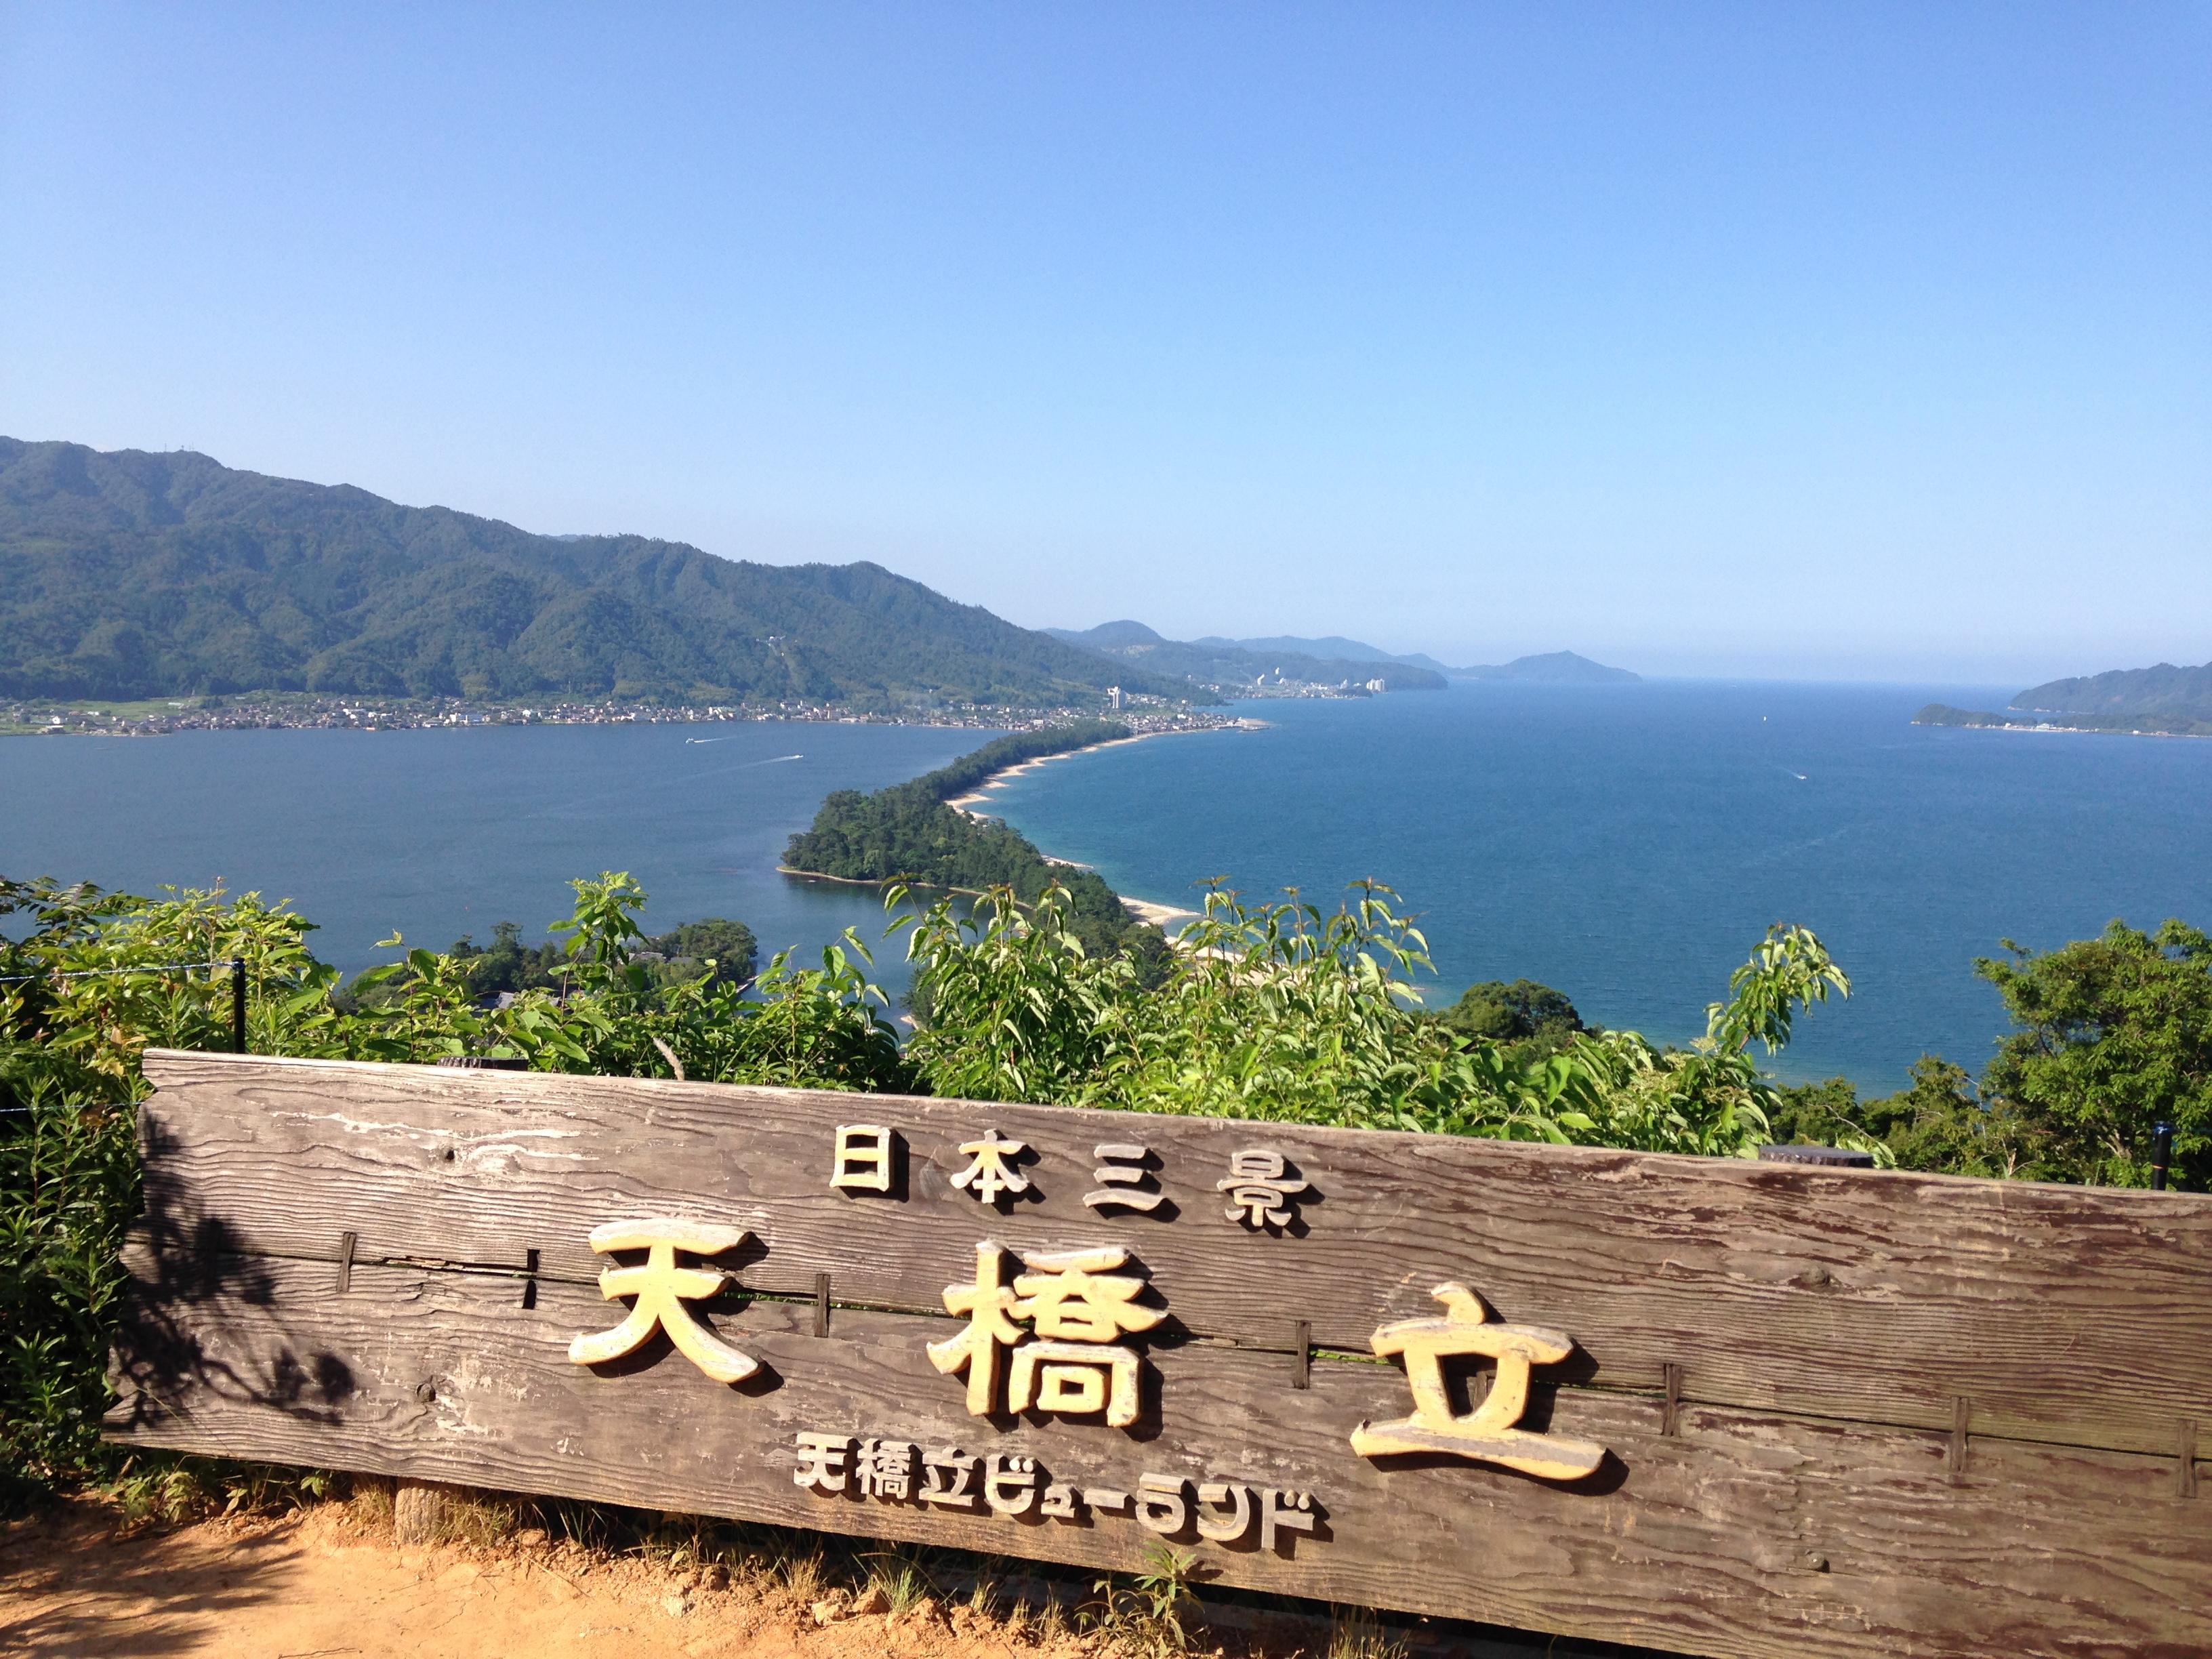 福知山-天橋立 電車で元伊勢三社めぐりの旅程